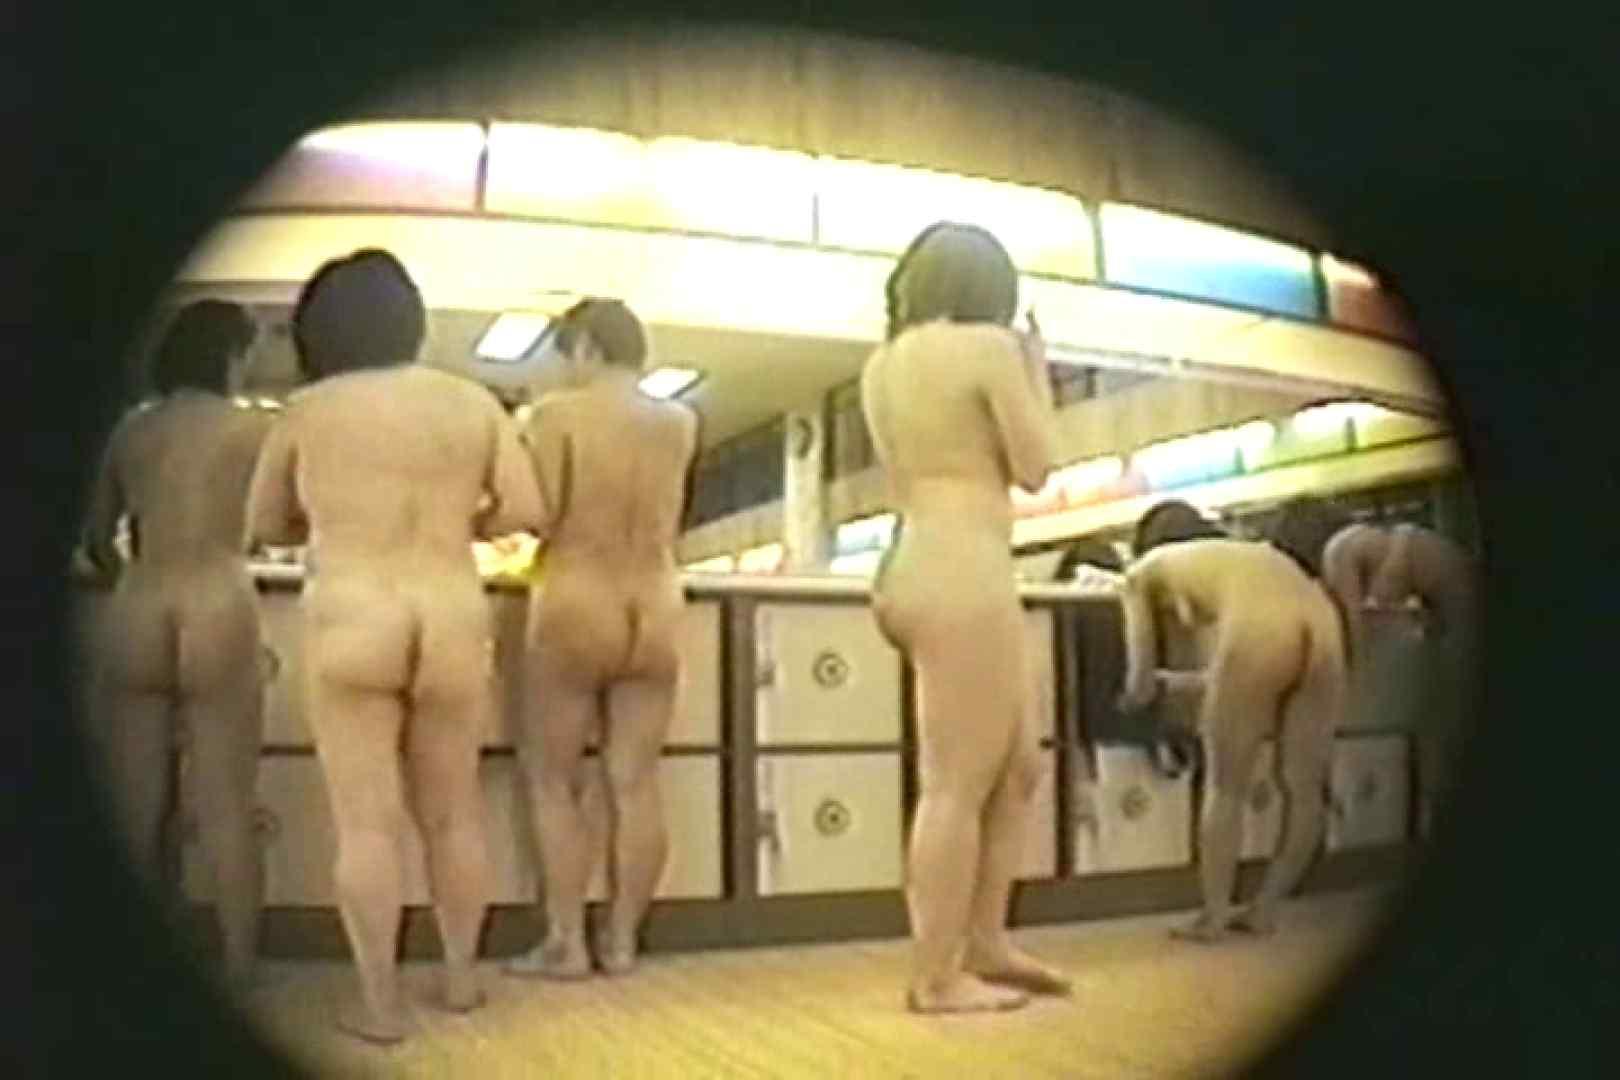 新女風呂35 脱衣所の着替え | 女風呂の実態  81画像 79